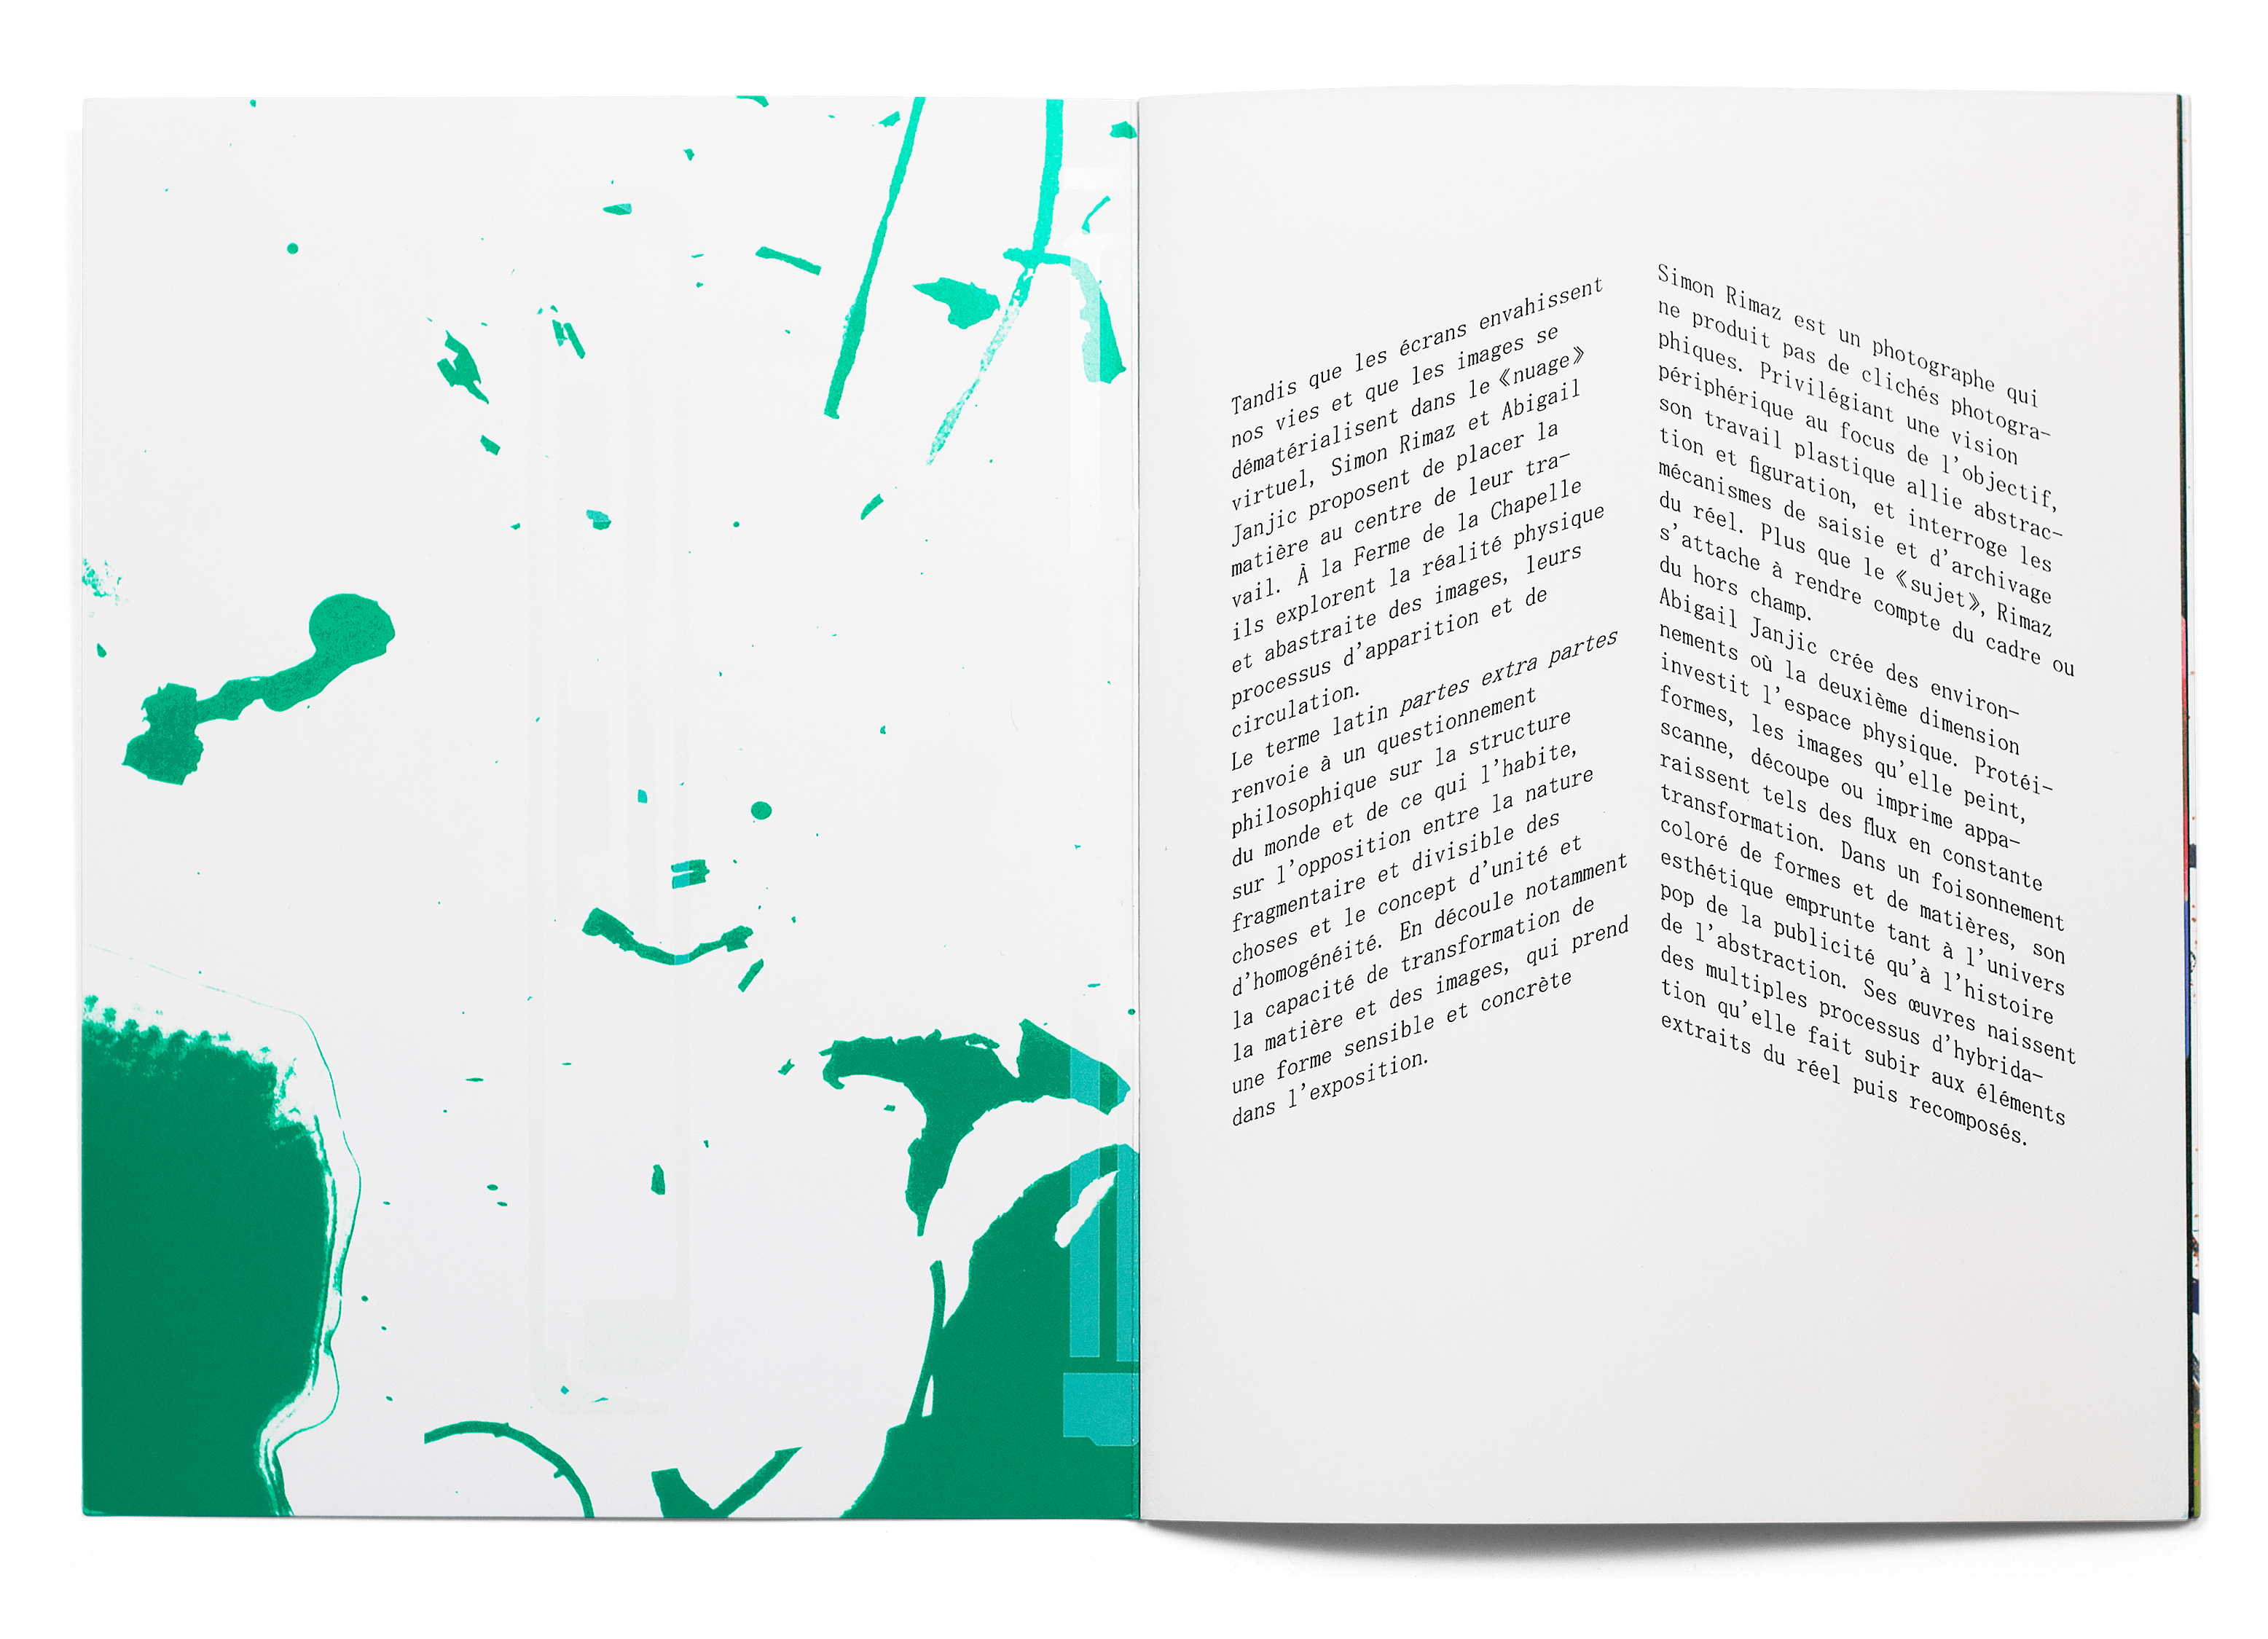 Double page de la brochure de l'exposition de Abigail Janjic et Simon Rimaz à la Ferme de la Chapelle